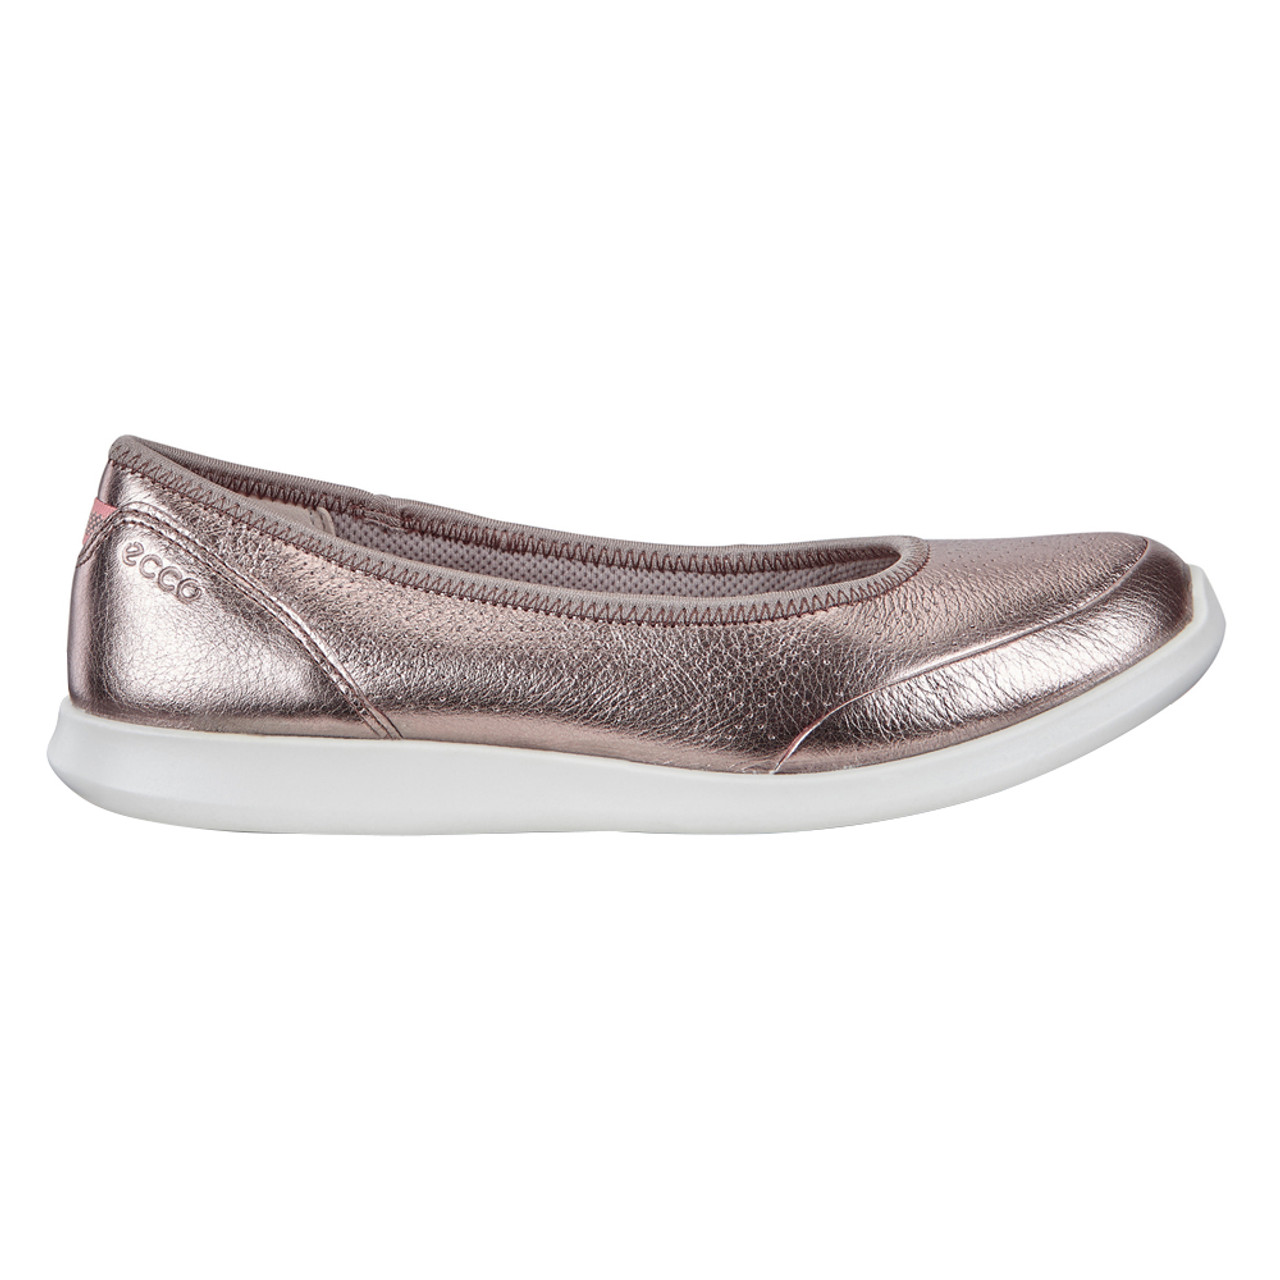 ECCO Womens Sense Ballet Flats